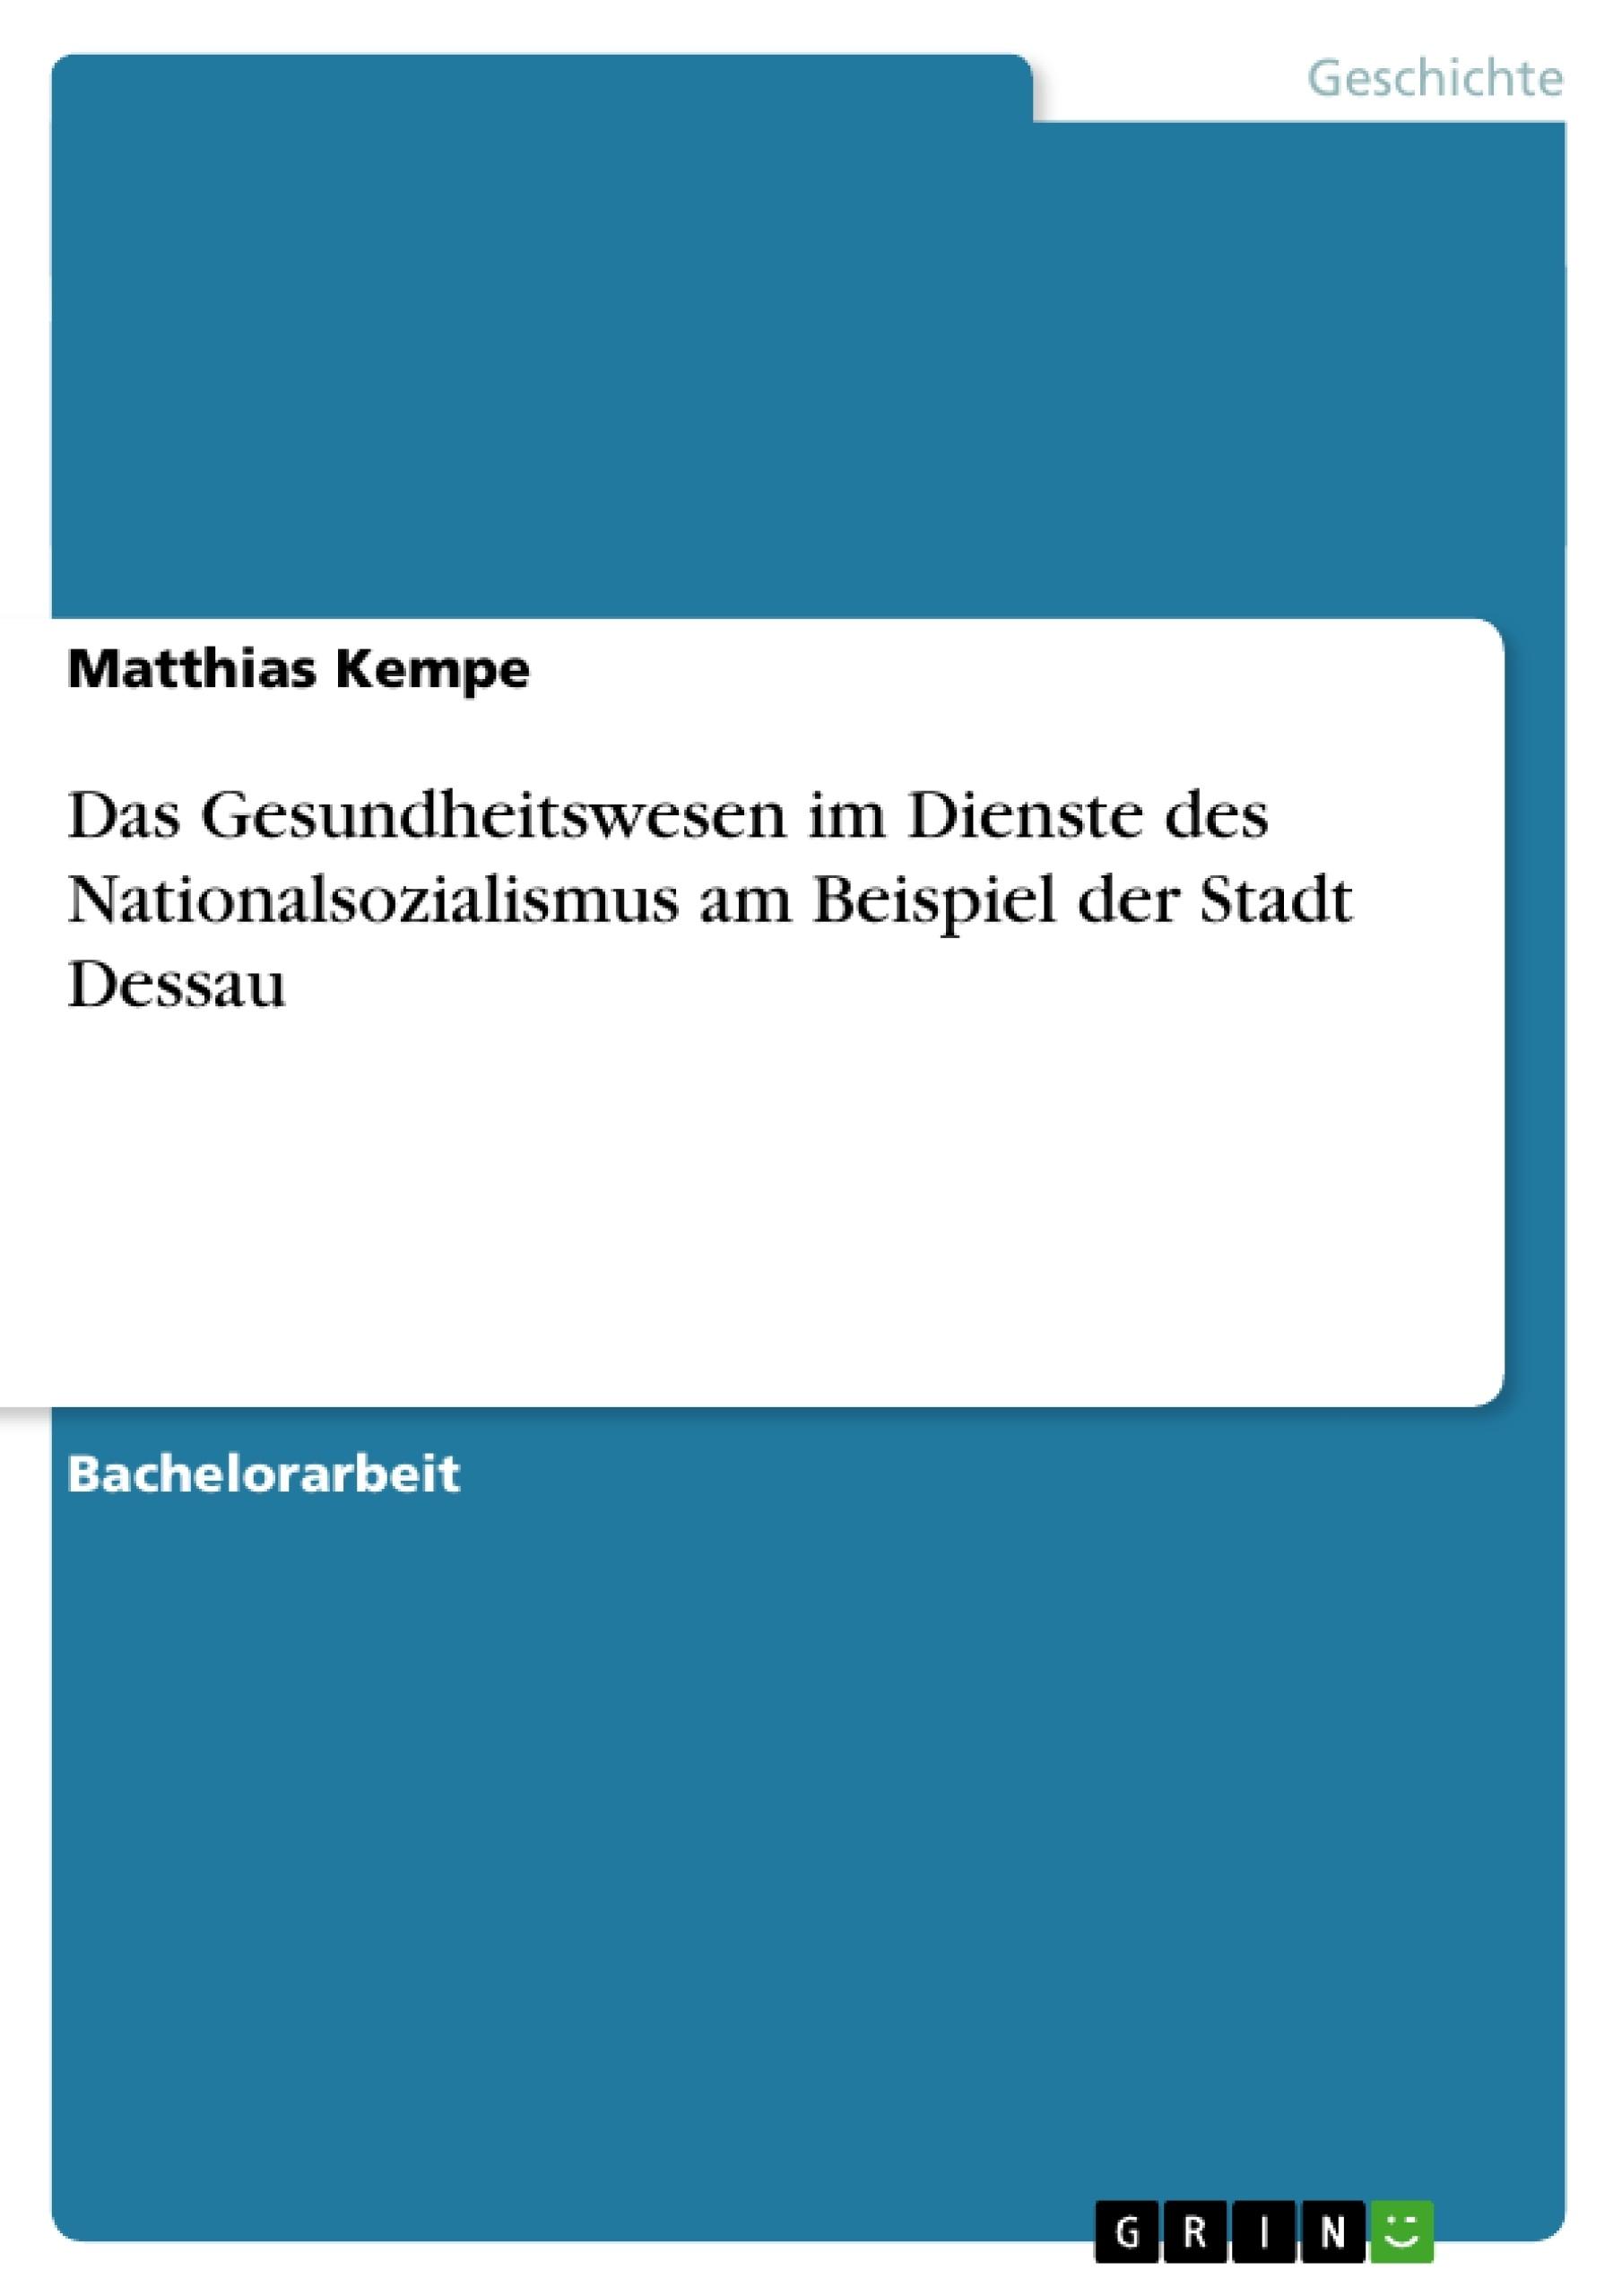 Titel: Das Gesundheitswesen im Dienste des Nationalsozialismus am Beispiel der Stadt Dessau